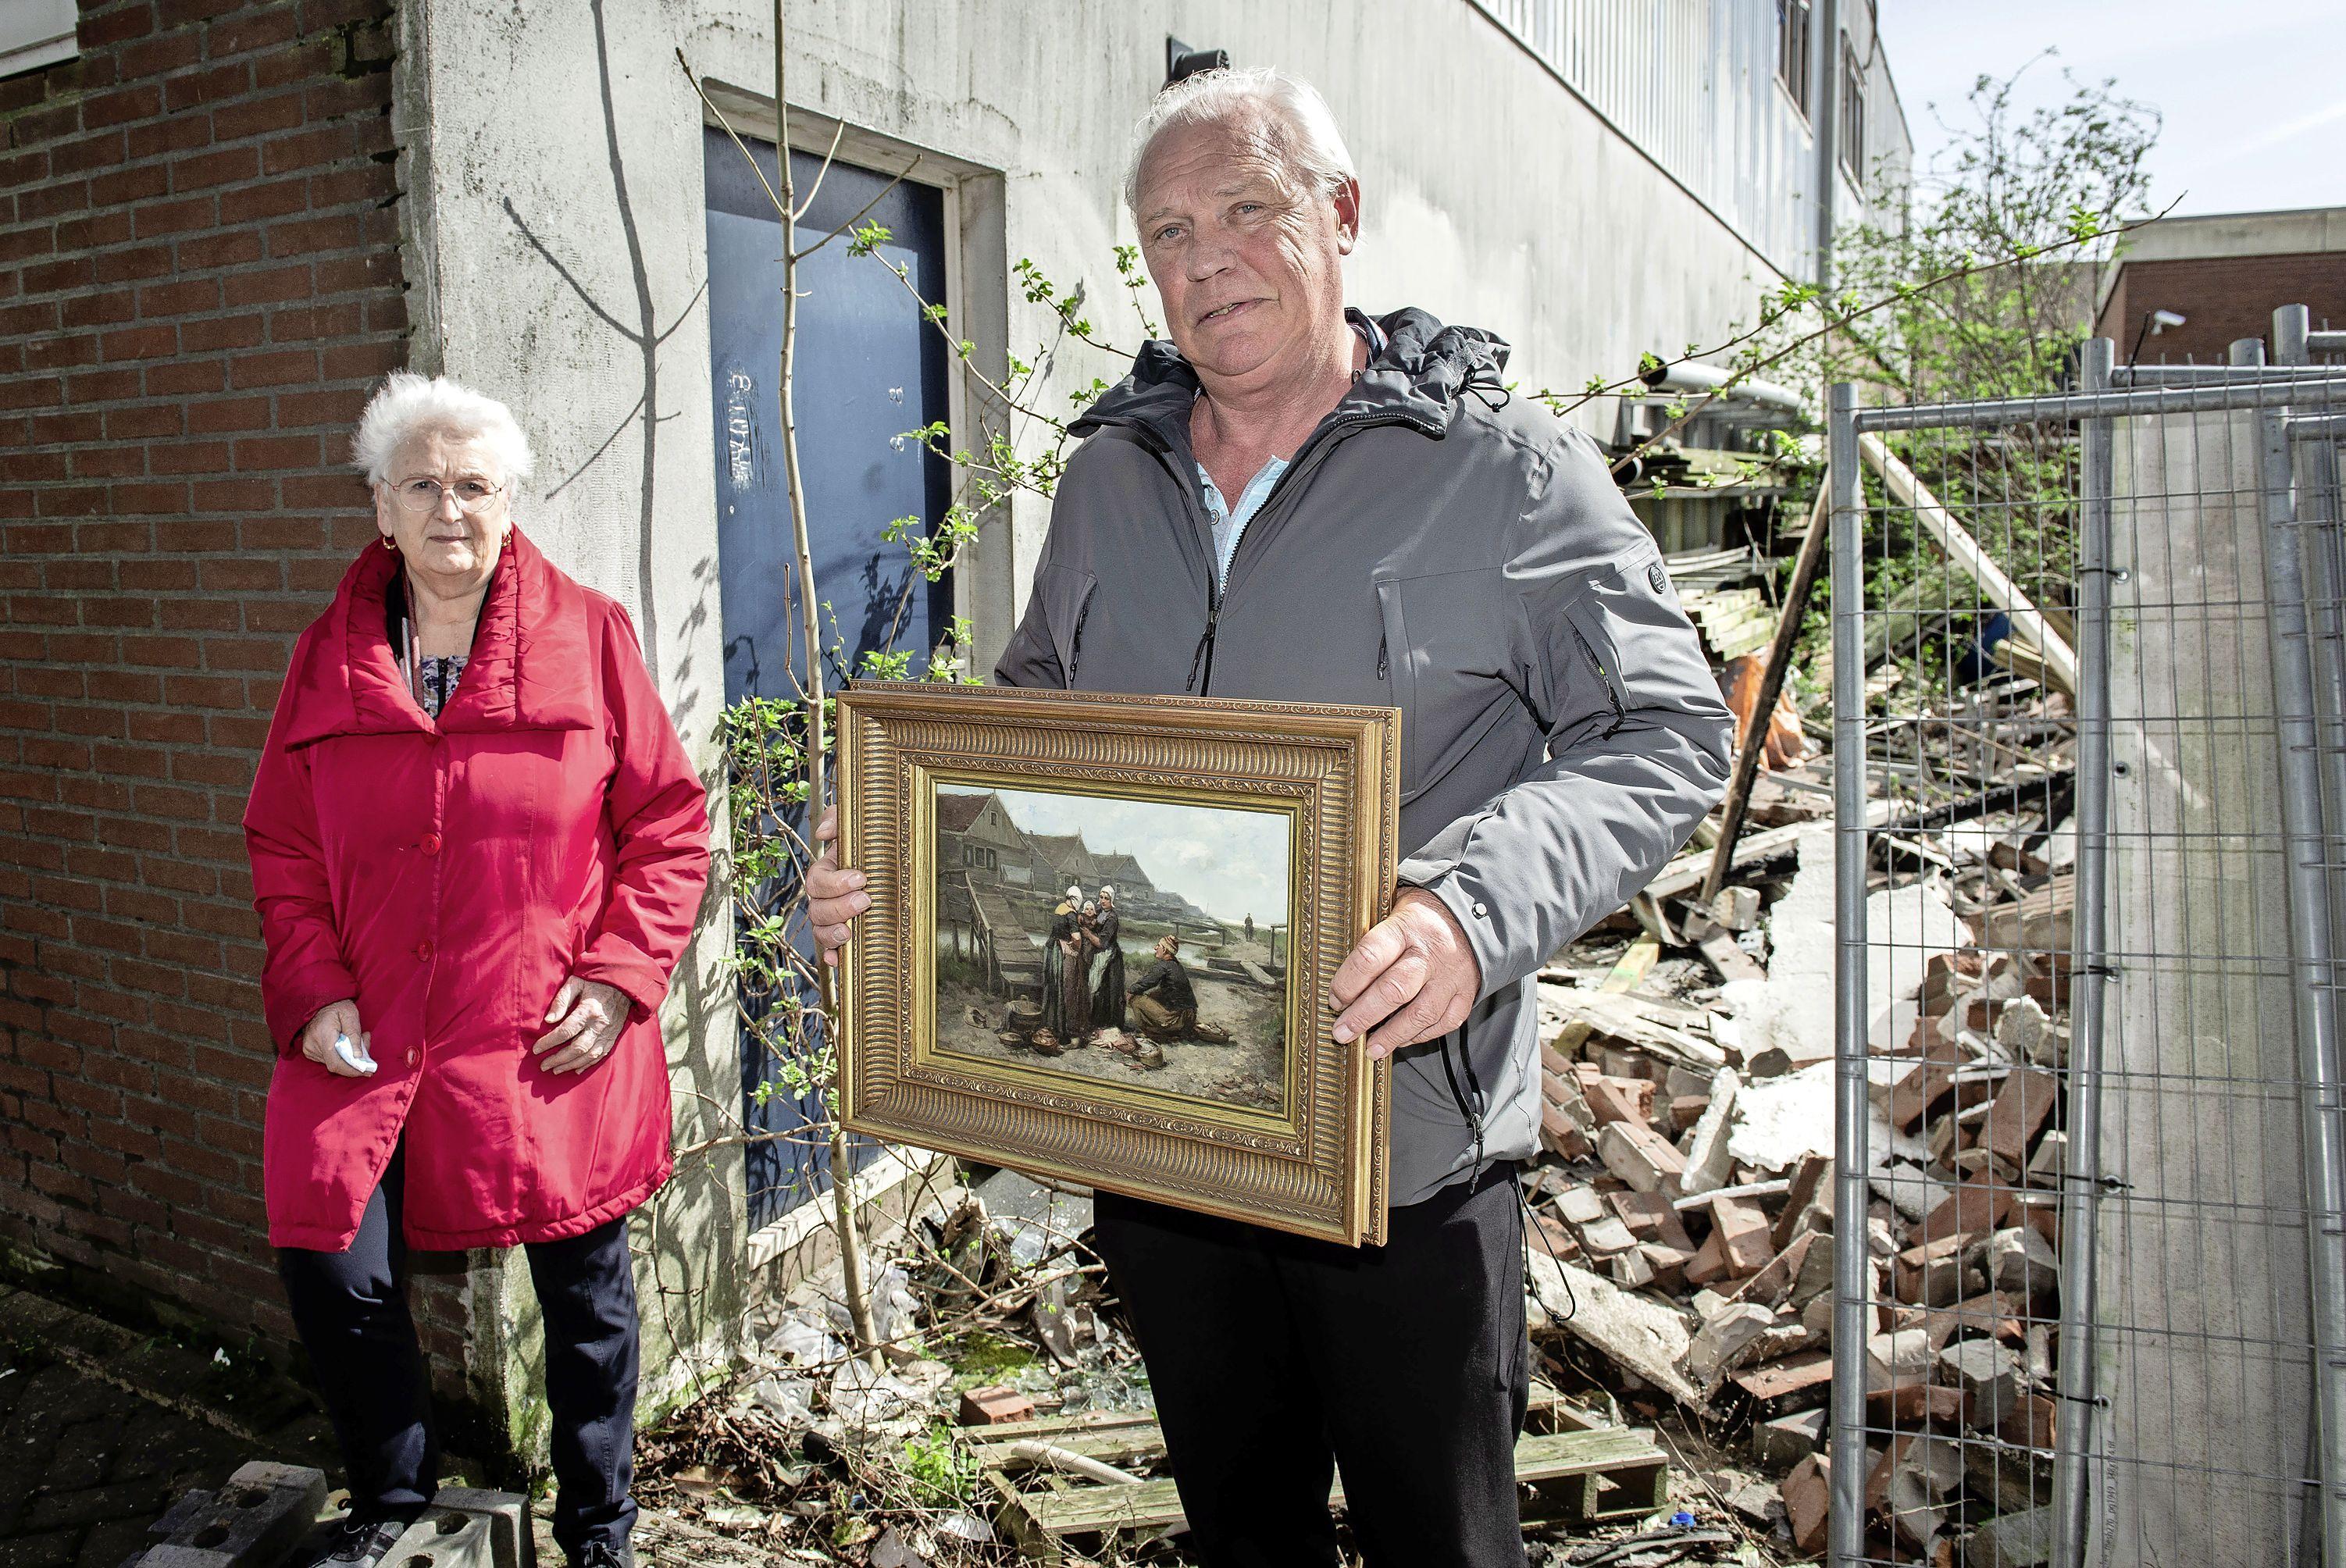 Kostbare kunstcollectie van Hotel Spaander ontsnapt aan vlammenzee: 'Ik dacht: oh god, daar gaat alles'